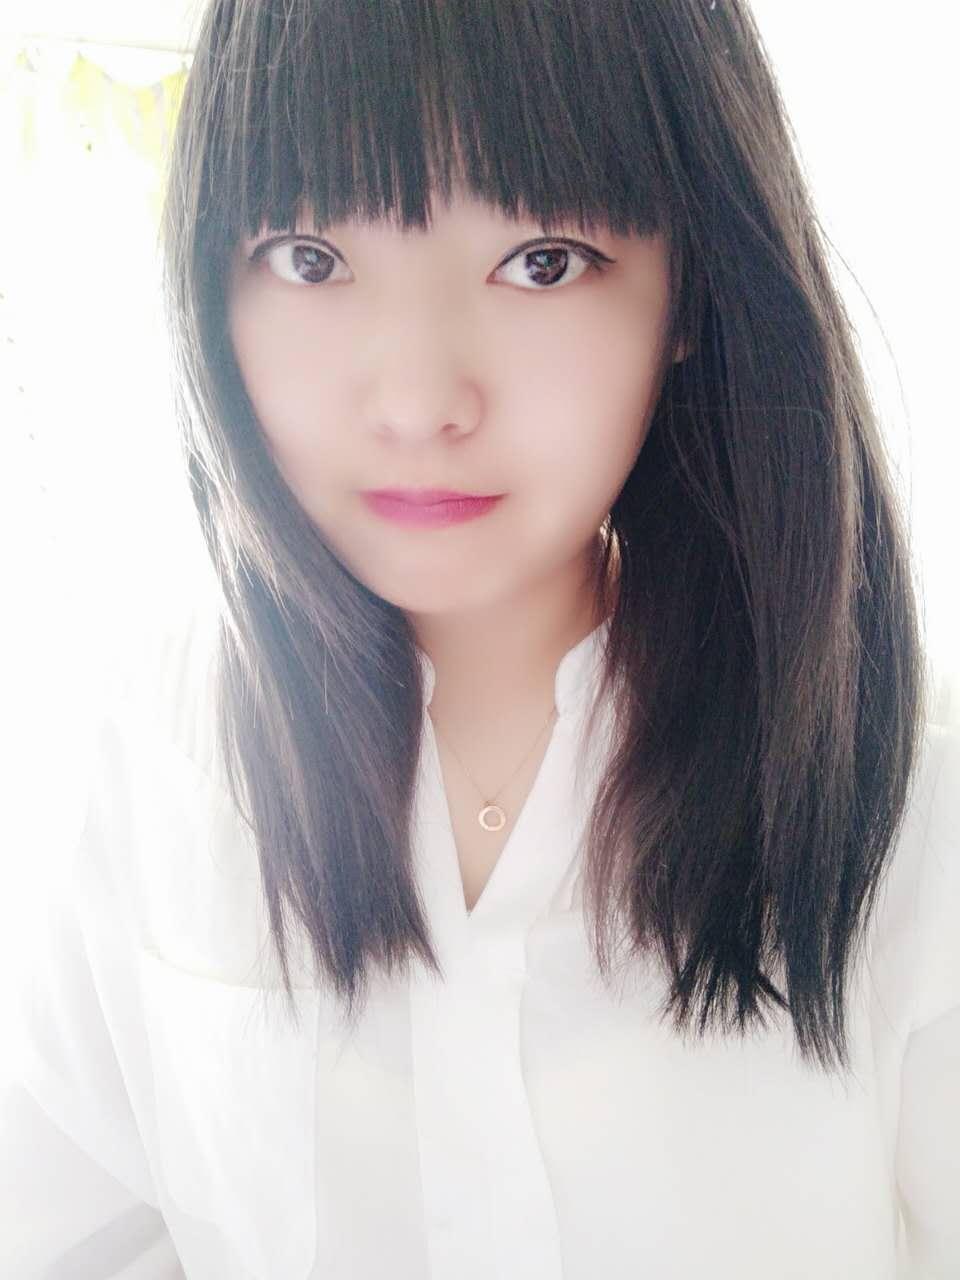 【美女秀场】许雨嫣